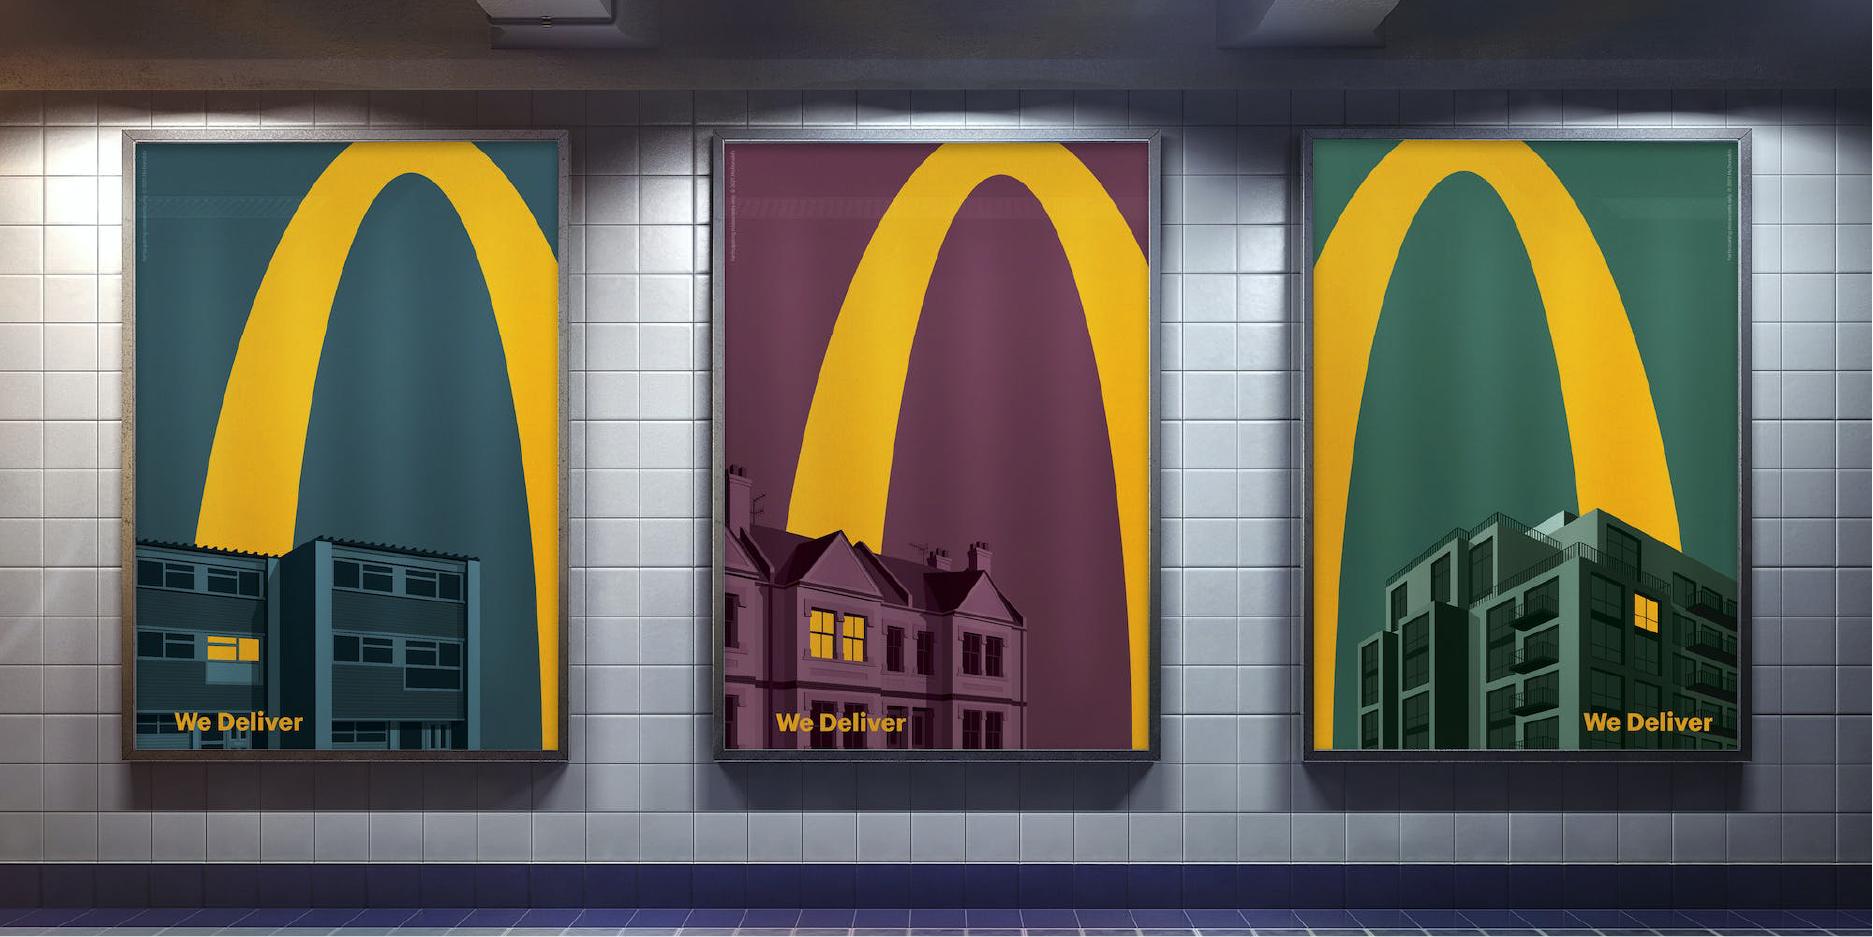 Mcdelivery Leo Burnett - Mcdonald publicidad de entrega a domicilio